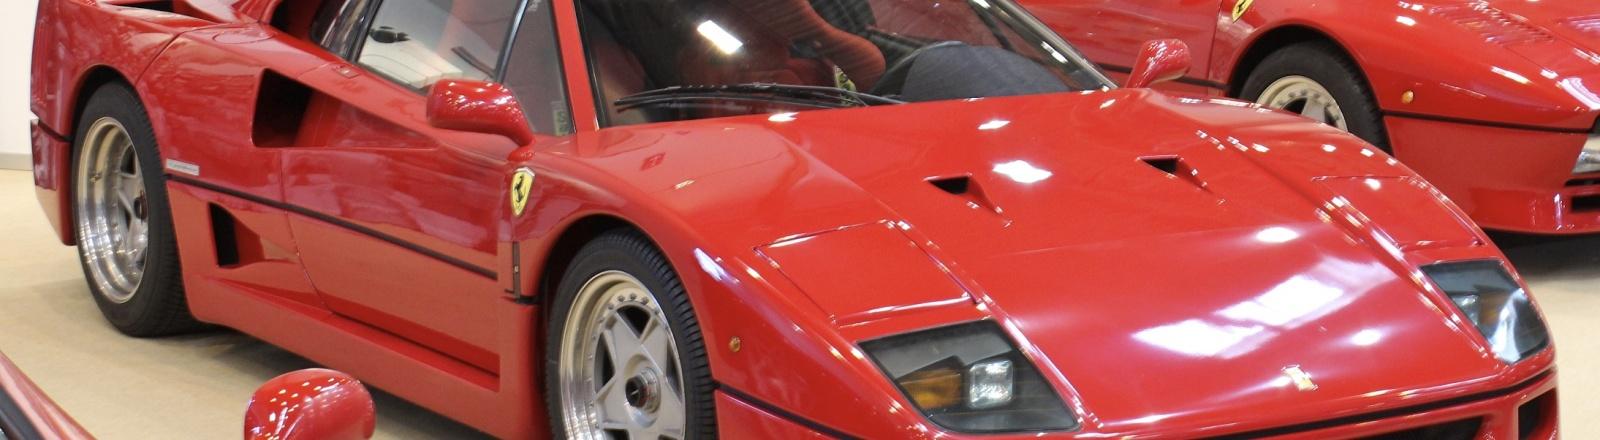 Techno Classica 2015 - Ferrari F40 (omslagfoto)